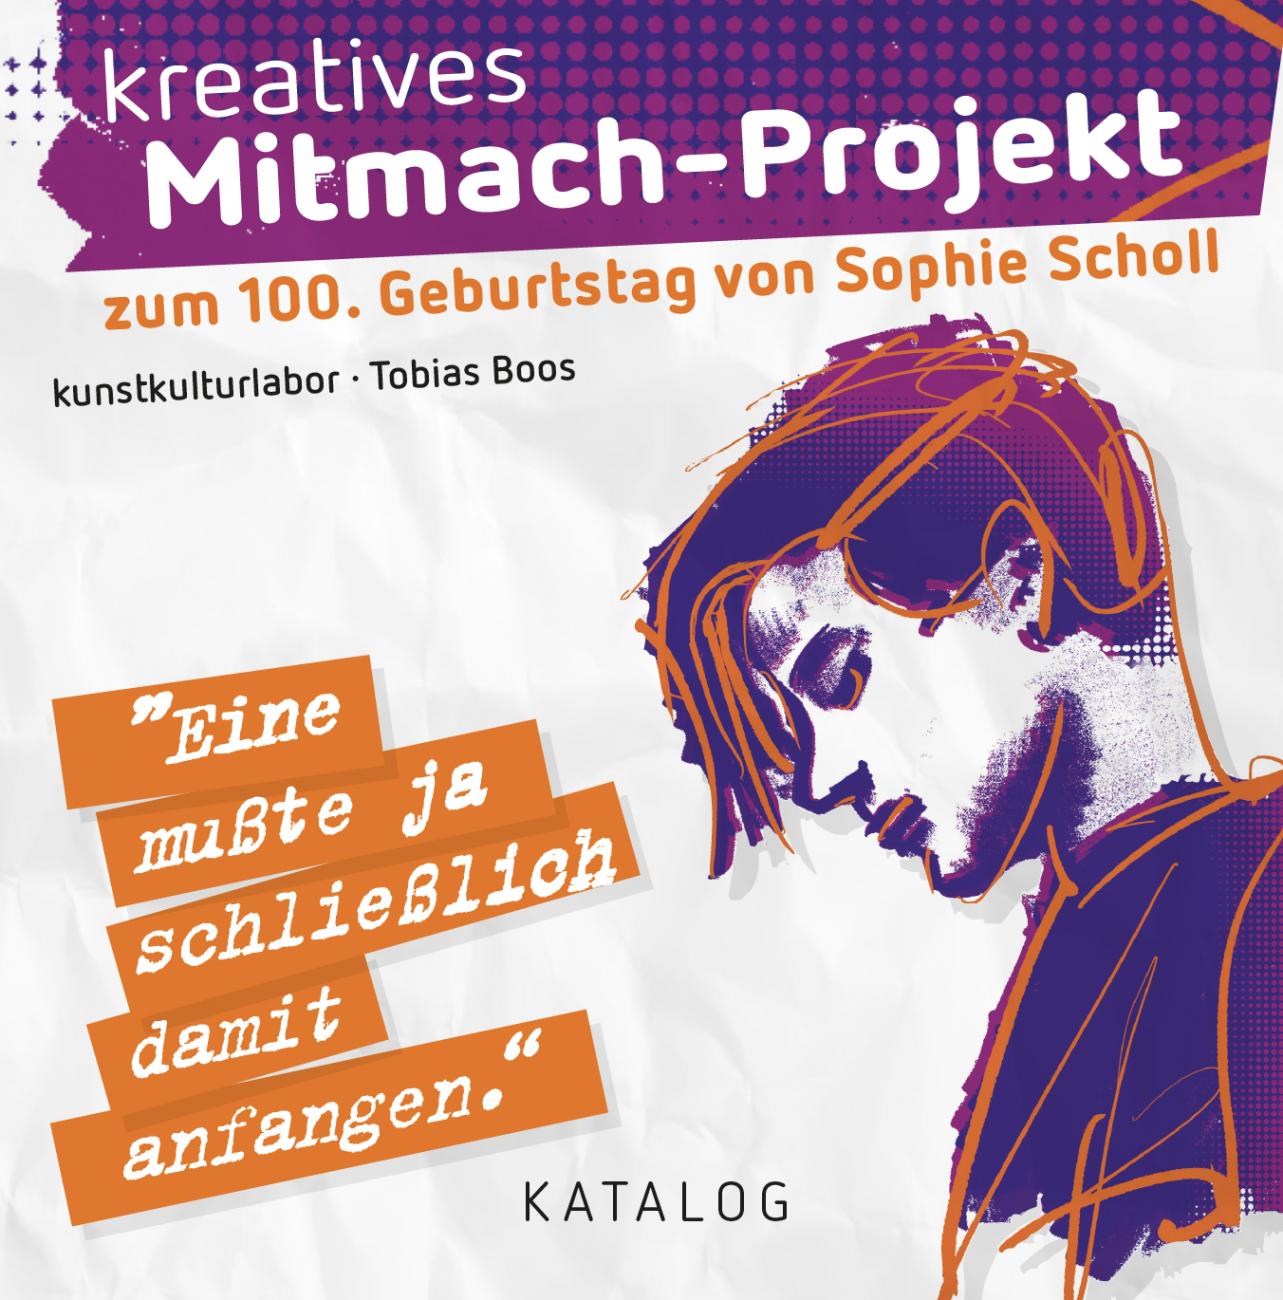 kunstkulturlabor Tobias Boos, Mitmach-Projekt zum 100. Geburtstag von Sophie Scholl Tobias Boos